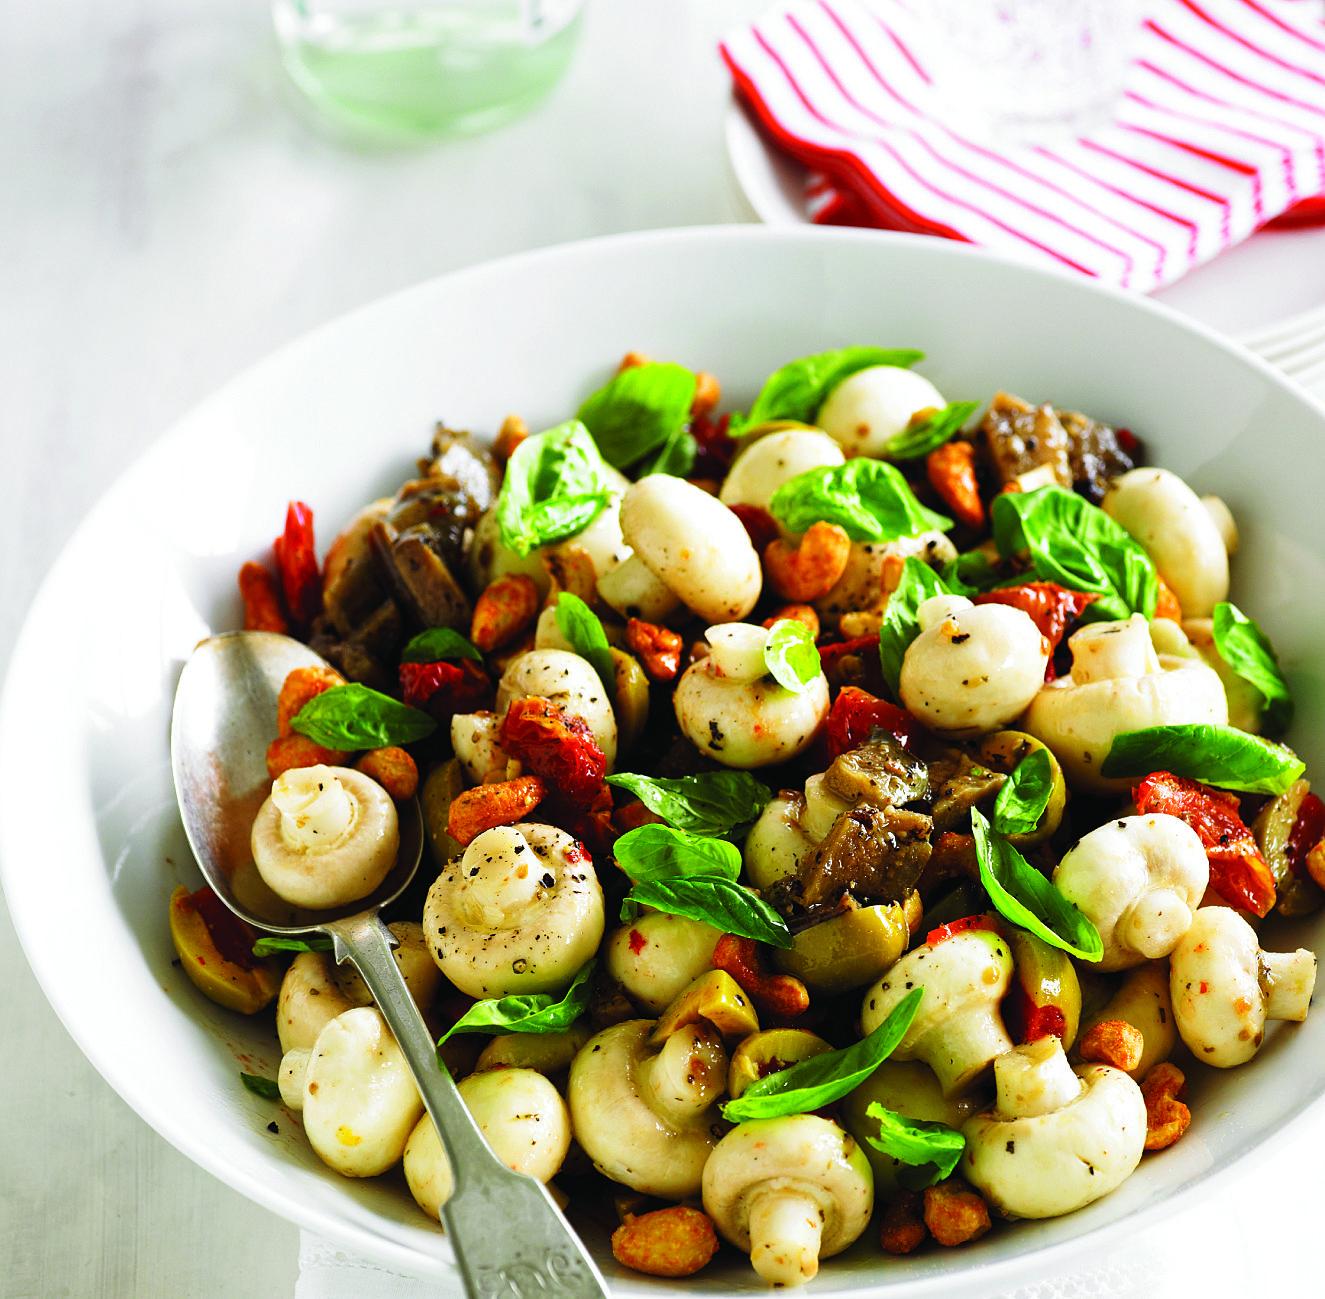 Mushroom antipasto salad recipe courtesy of the australian mushroom antipasto salad recipe courtesy of the australian mushroom growers association forumfinder Choice Image